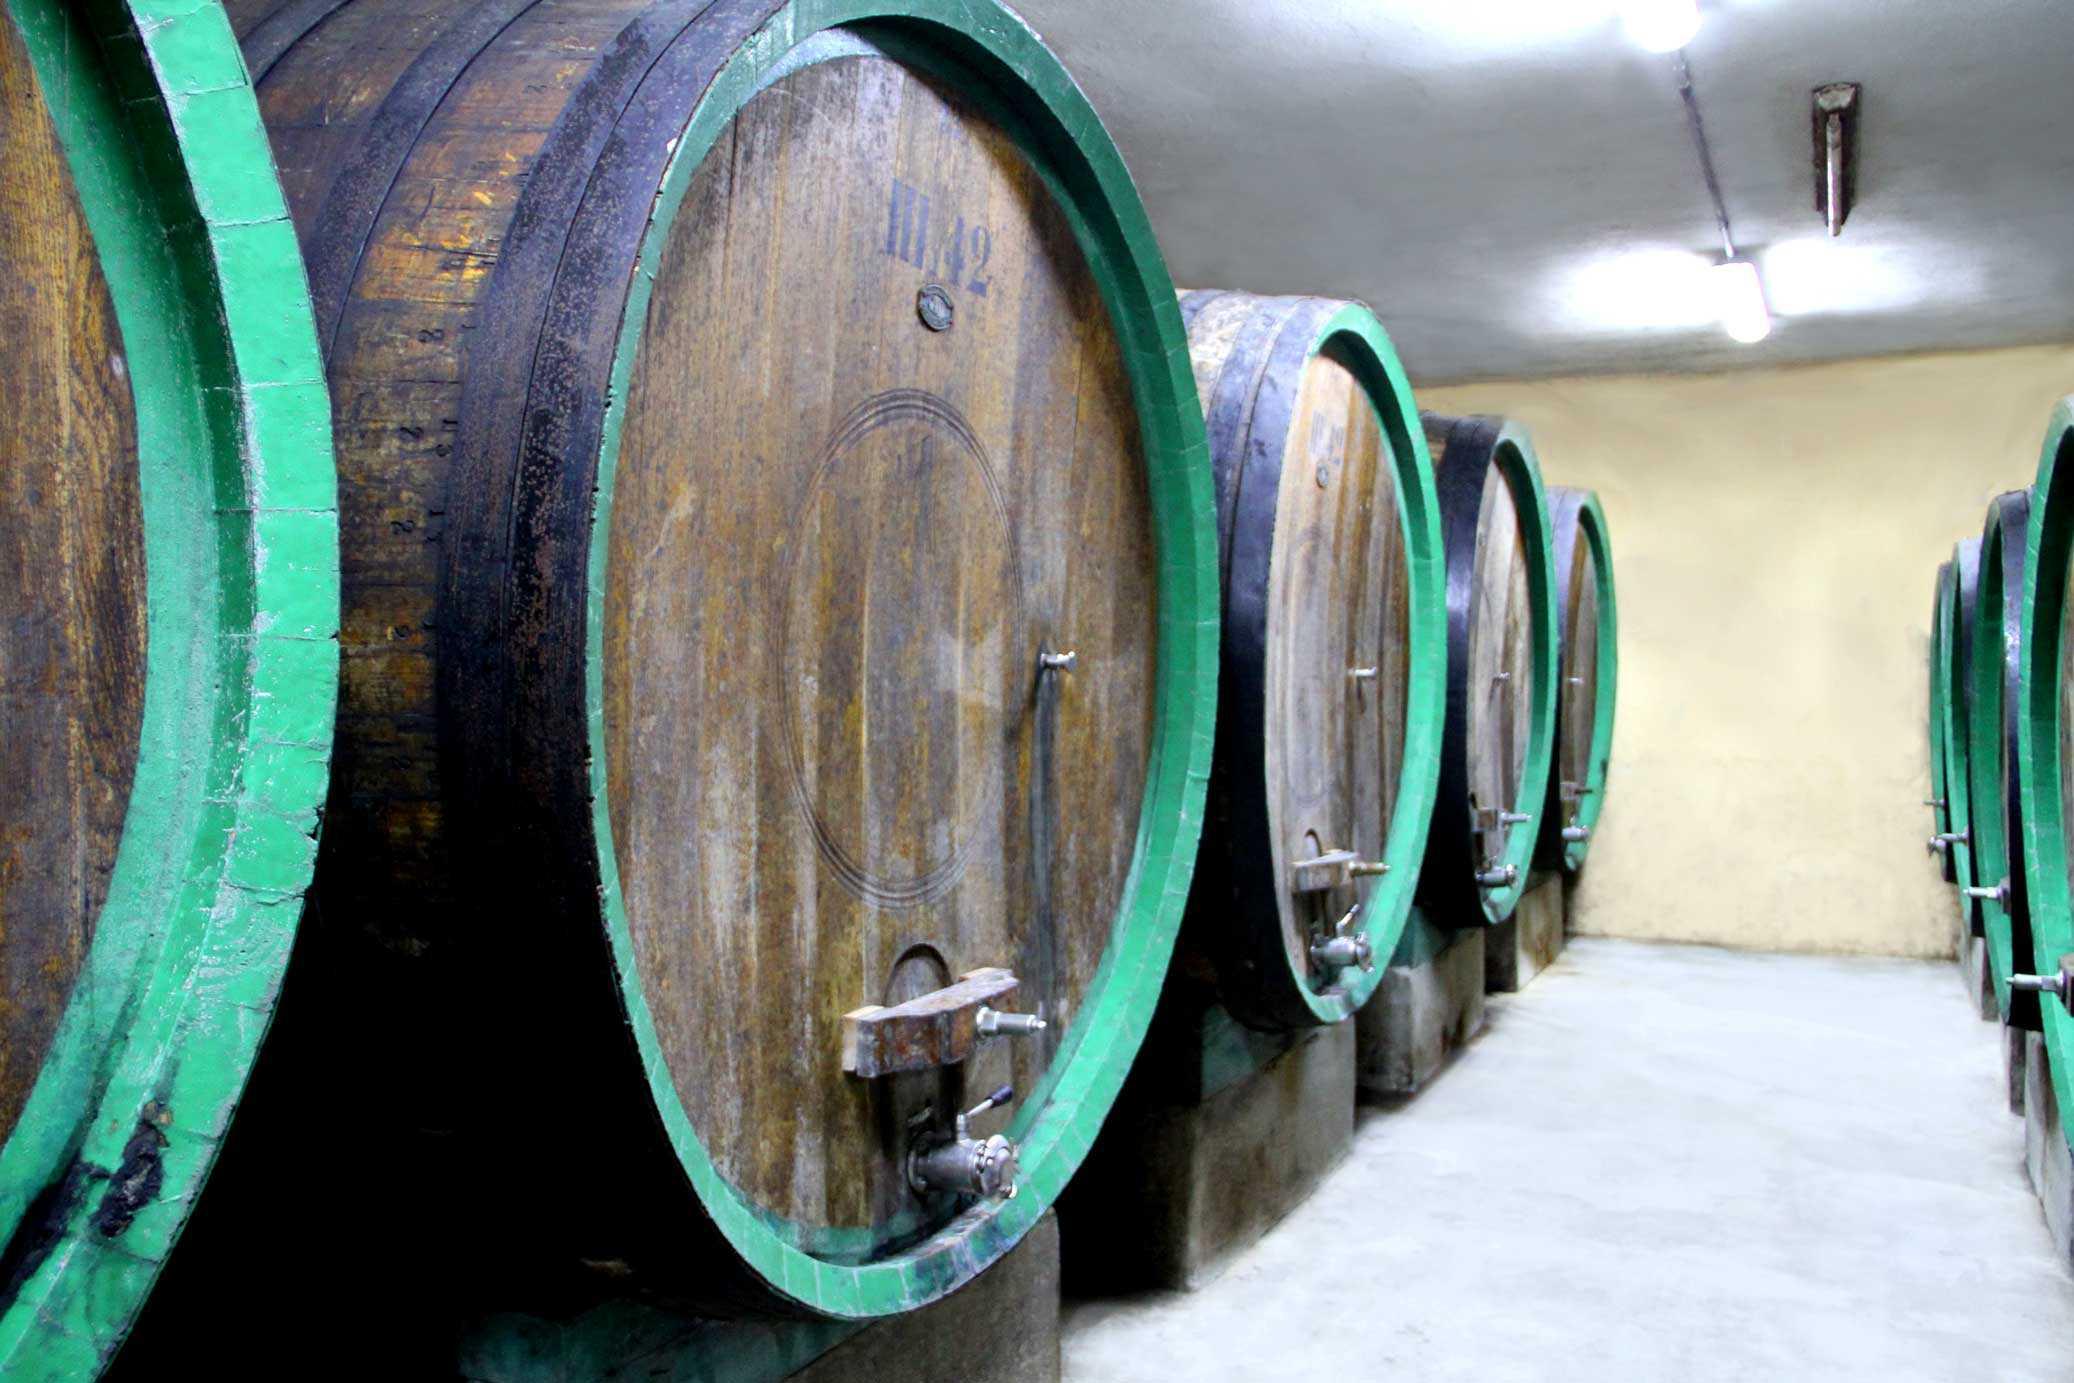 Produzione vino in Sardegna - Cantina del Mandrolisai - Botte